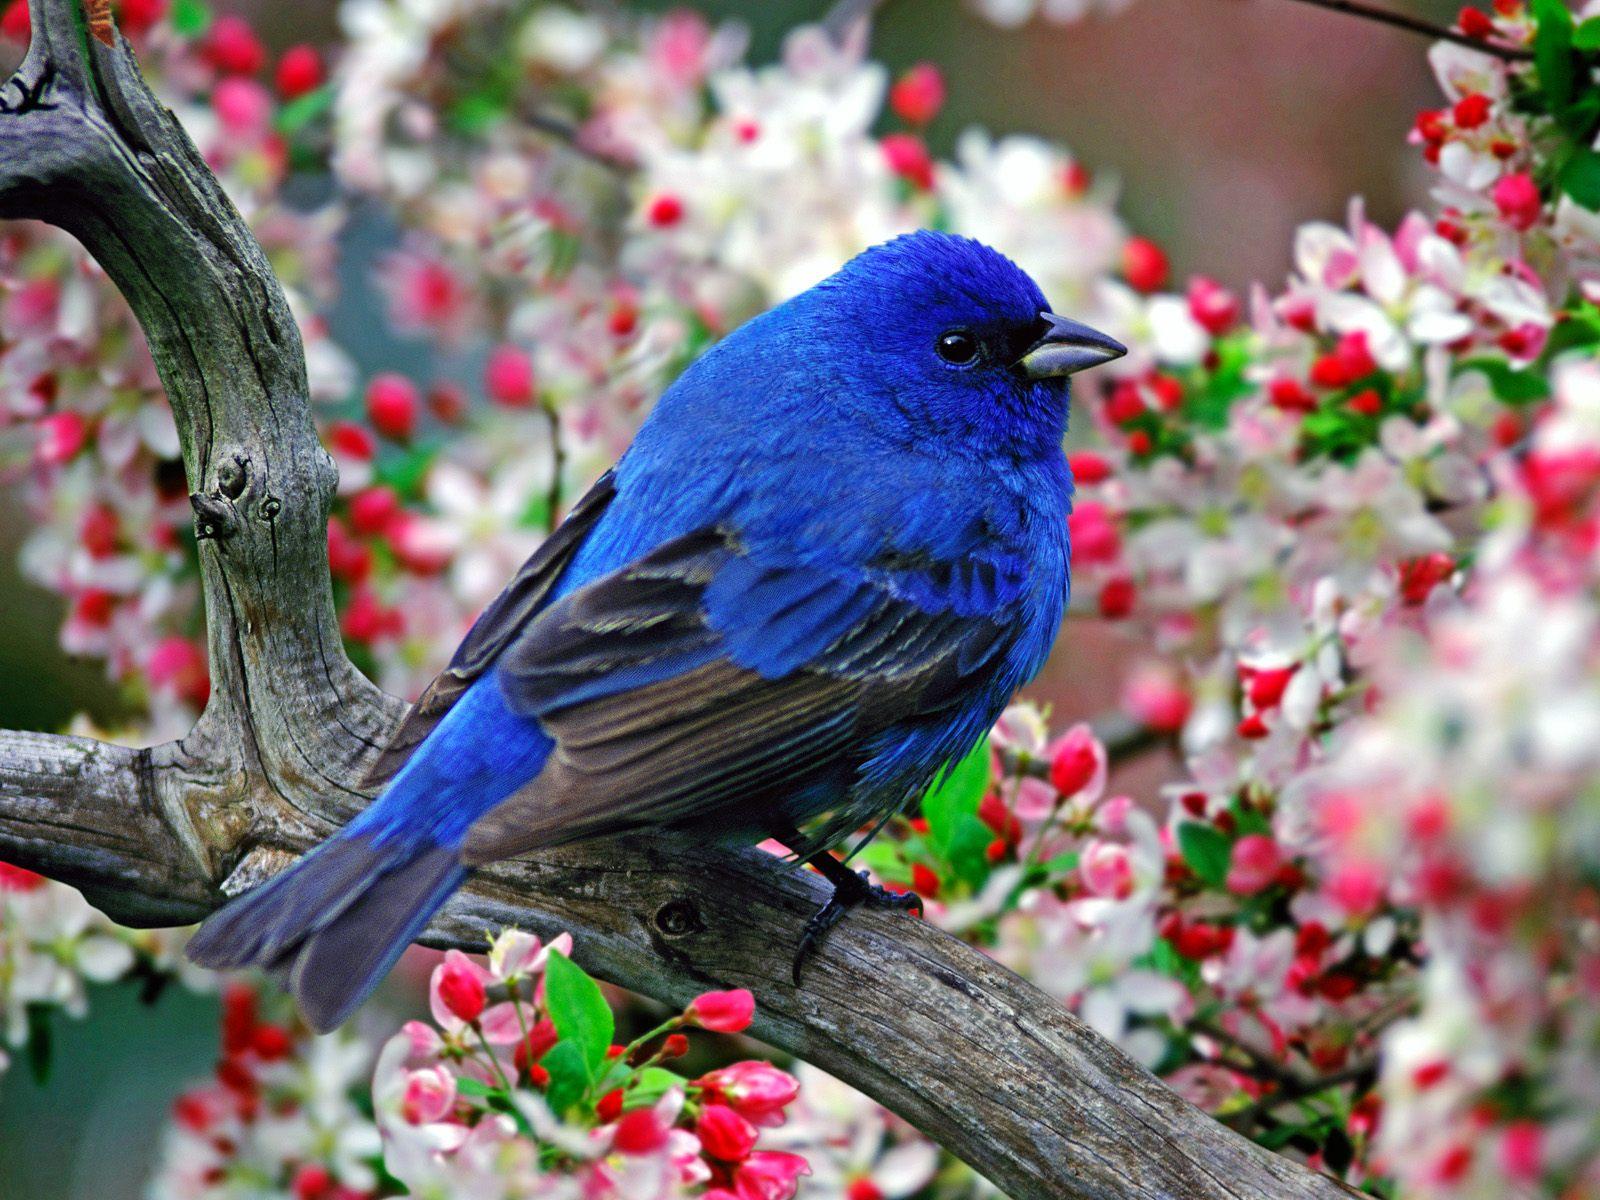 bird wallpaper bird parrot wallpapers bird wallpaper blue bird 1600x1200